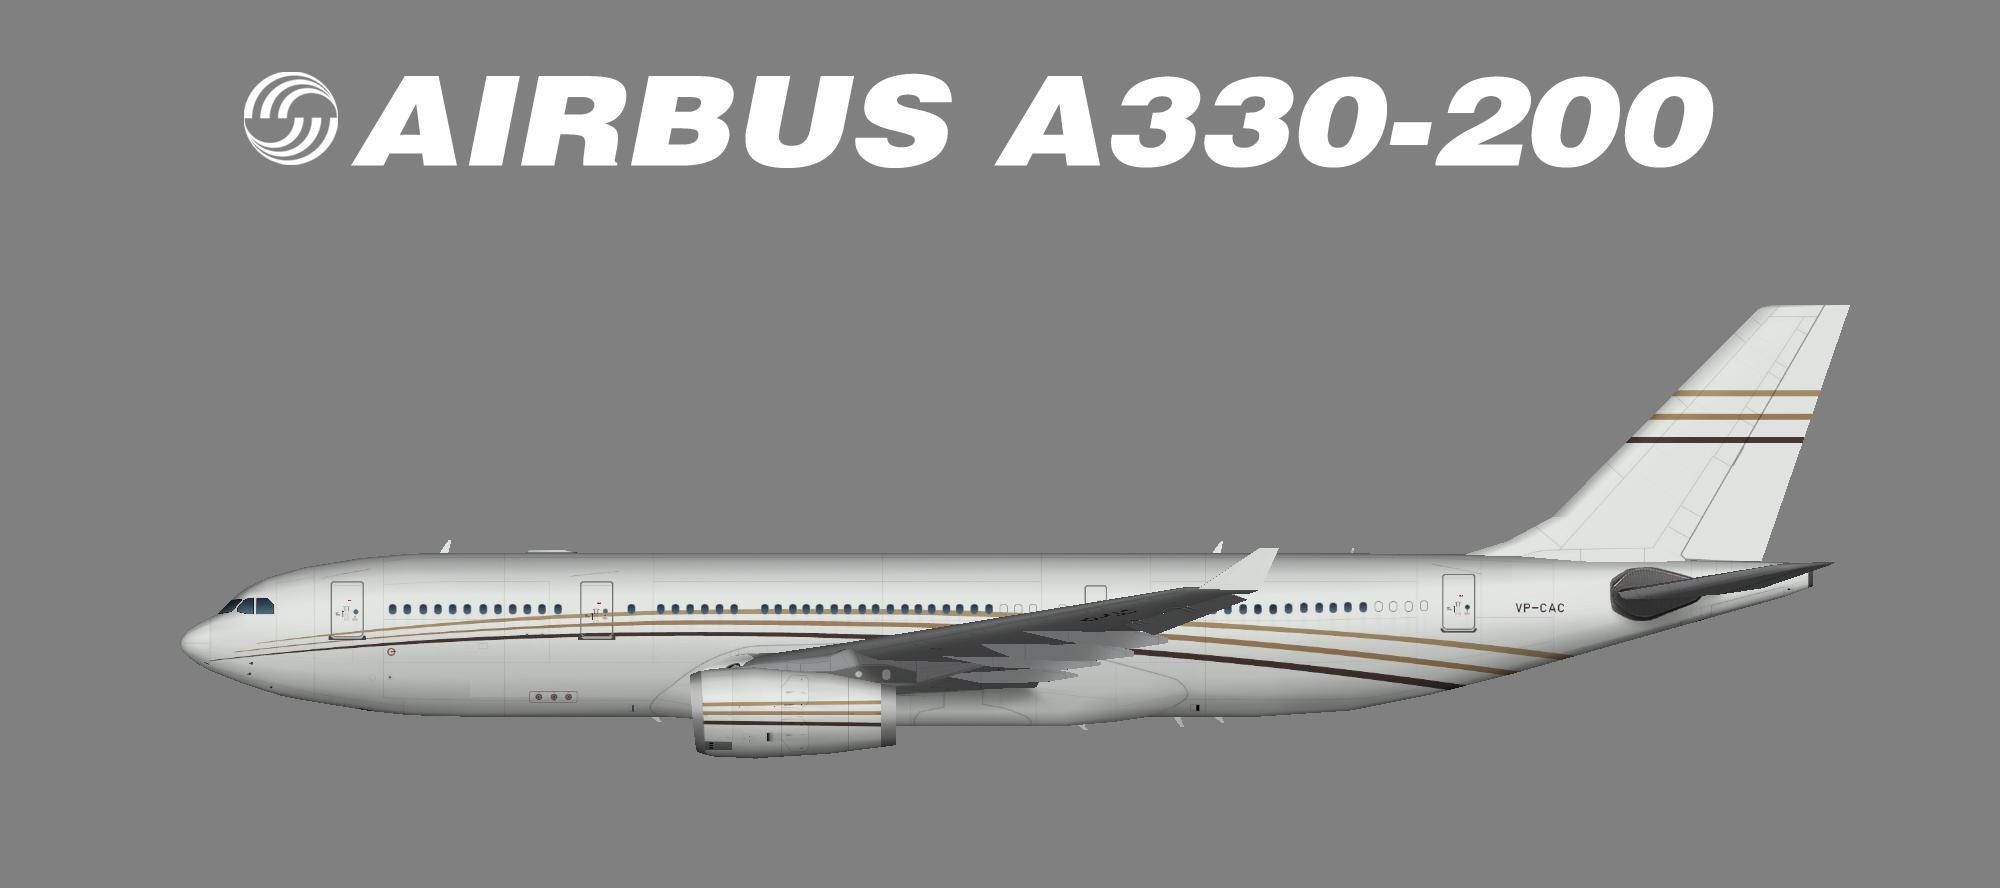 Bristol Air Ltd A330-200